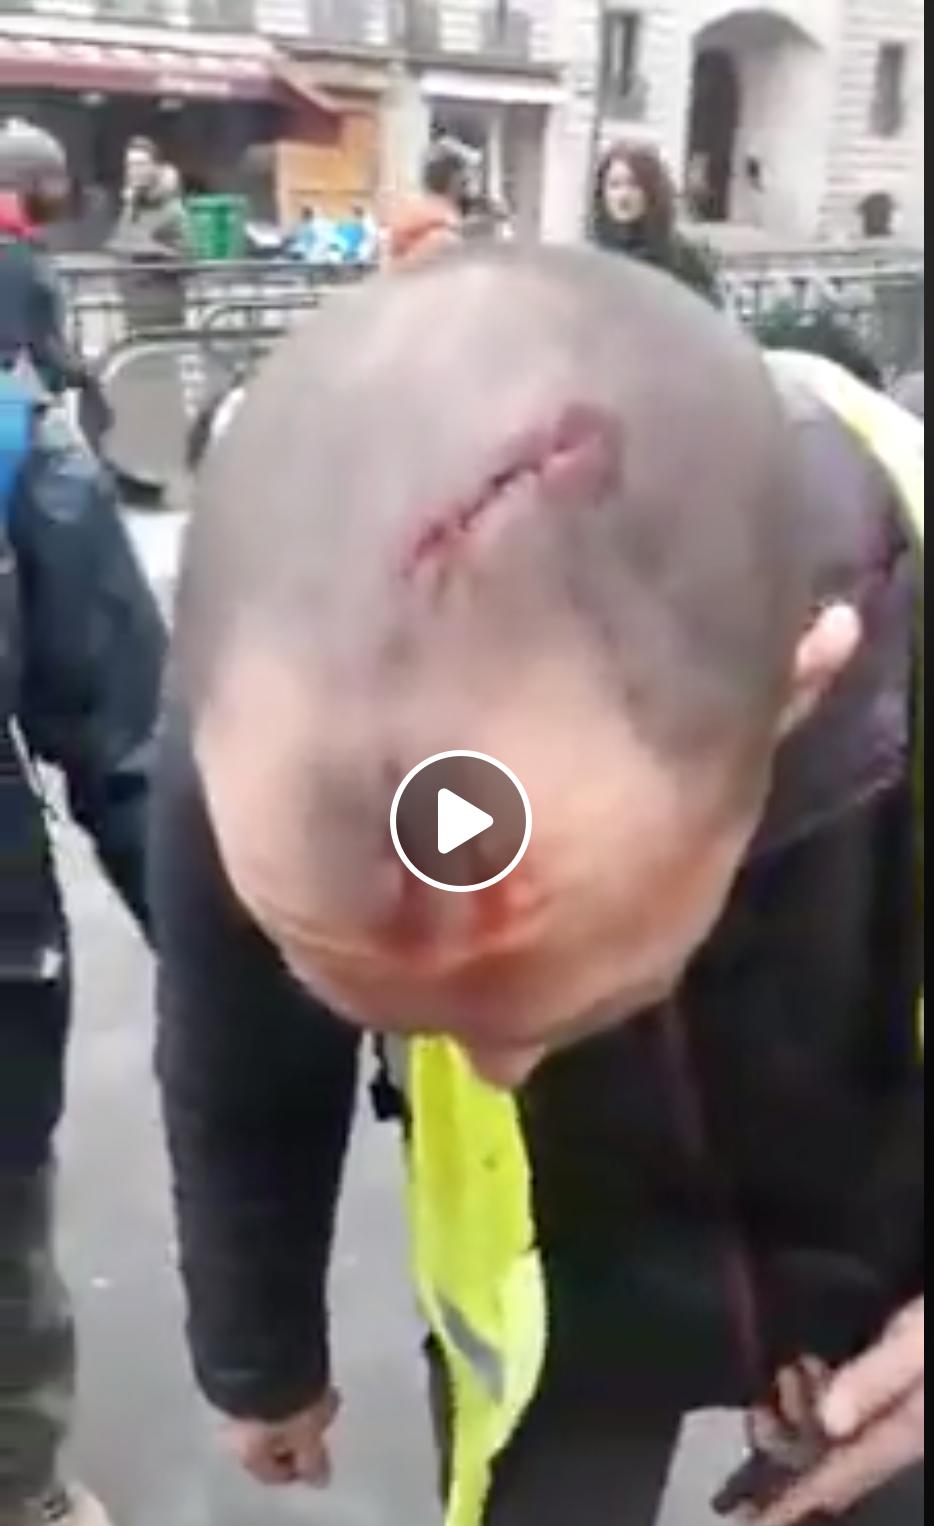 Les gendarmes responsables de ce coup de matraque mais on leur interdirait de s'en prendre aux Black Blocks ?